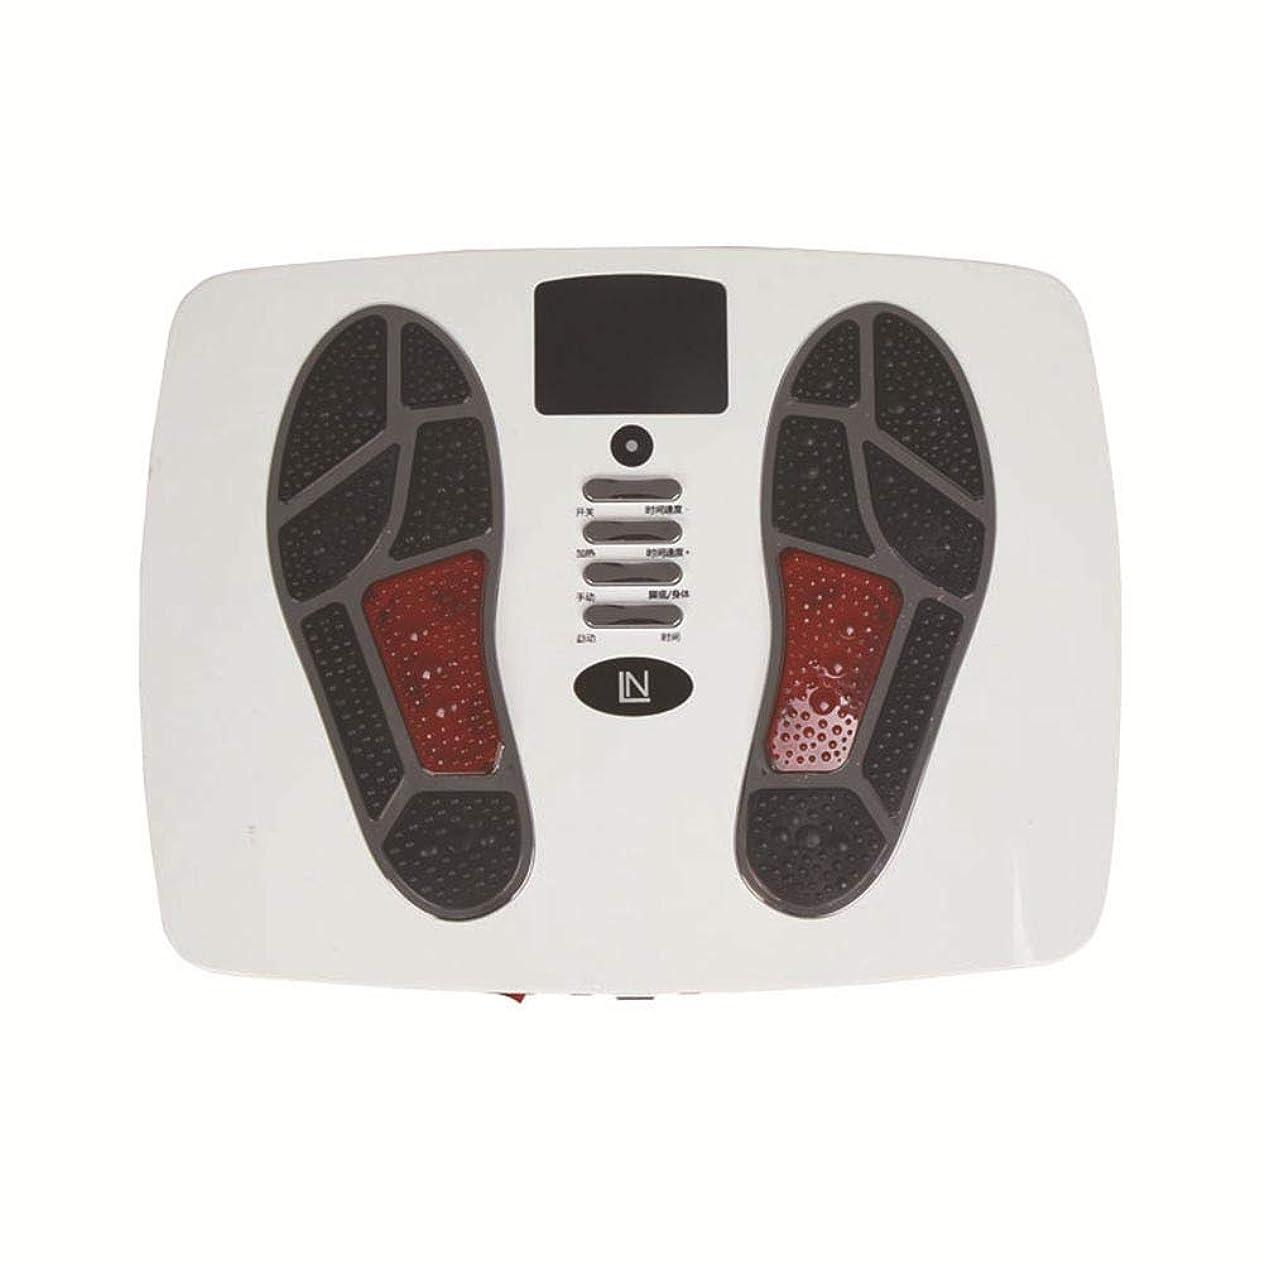 良性剥離調停する多機能 Circulation Booster、体を刺激する99の強度設定、赤外線機能、フットケア、ストレス解消 インテリジェント